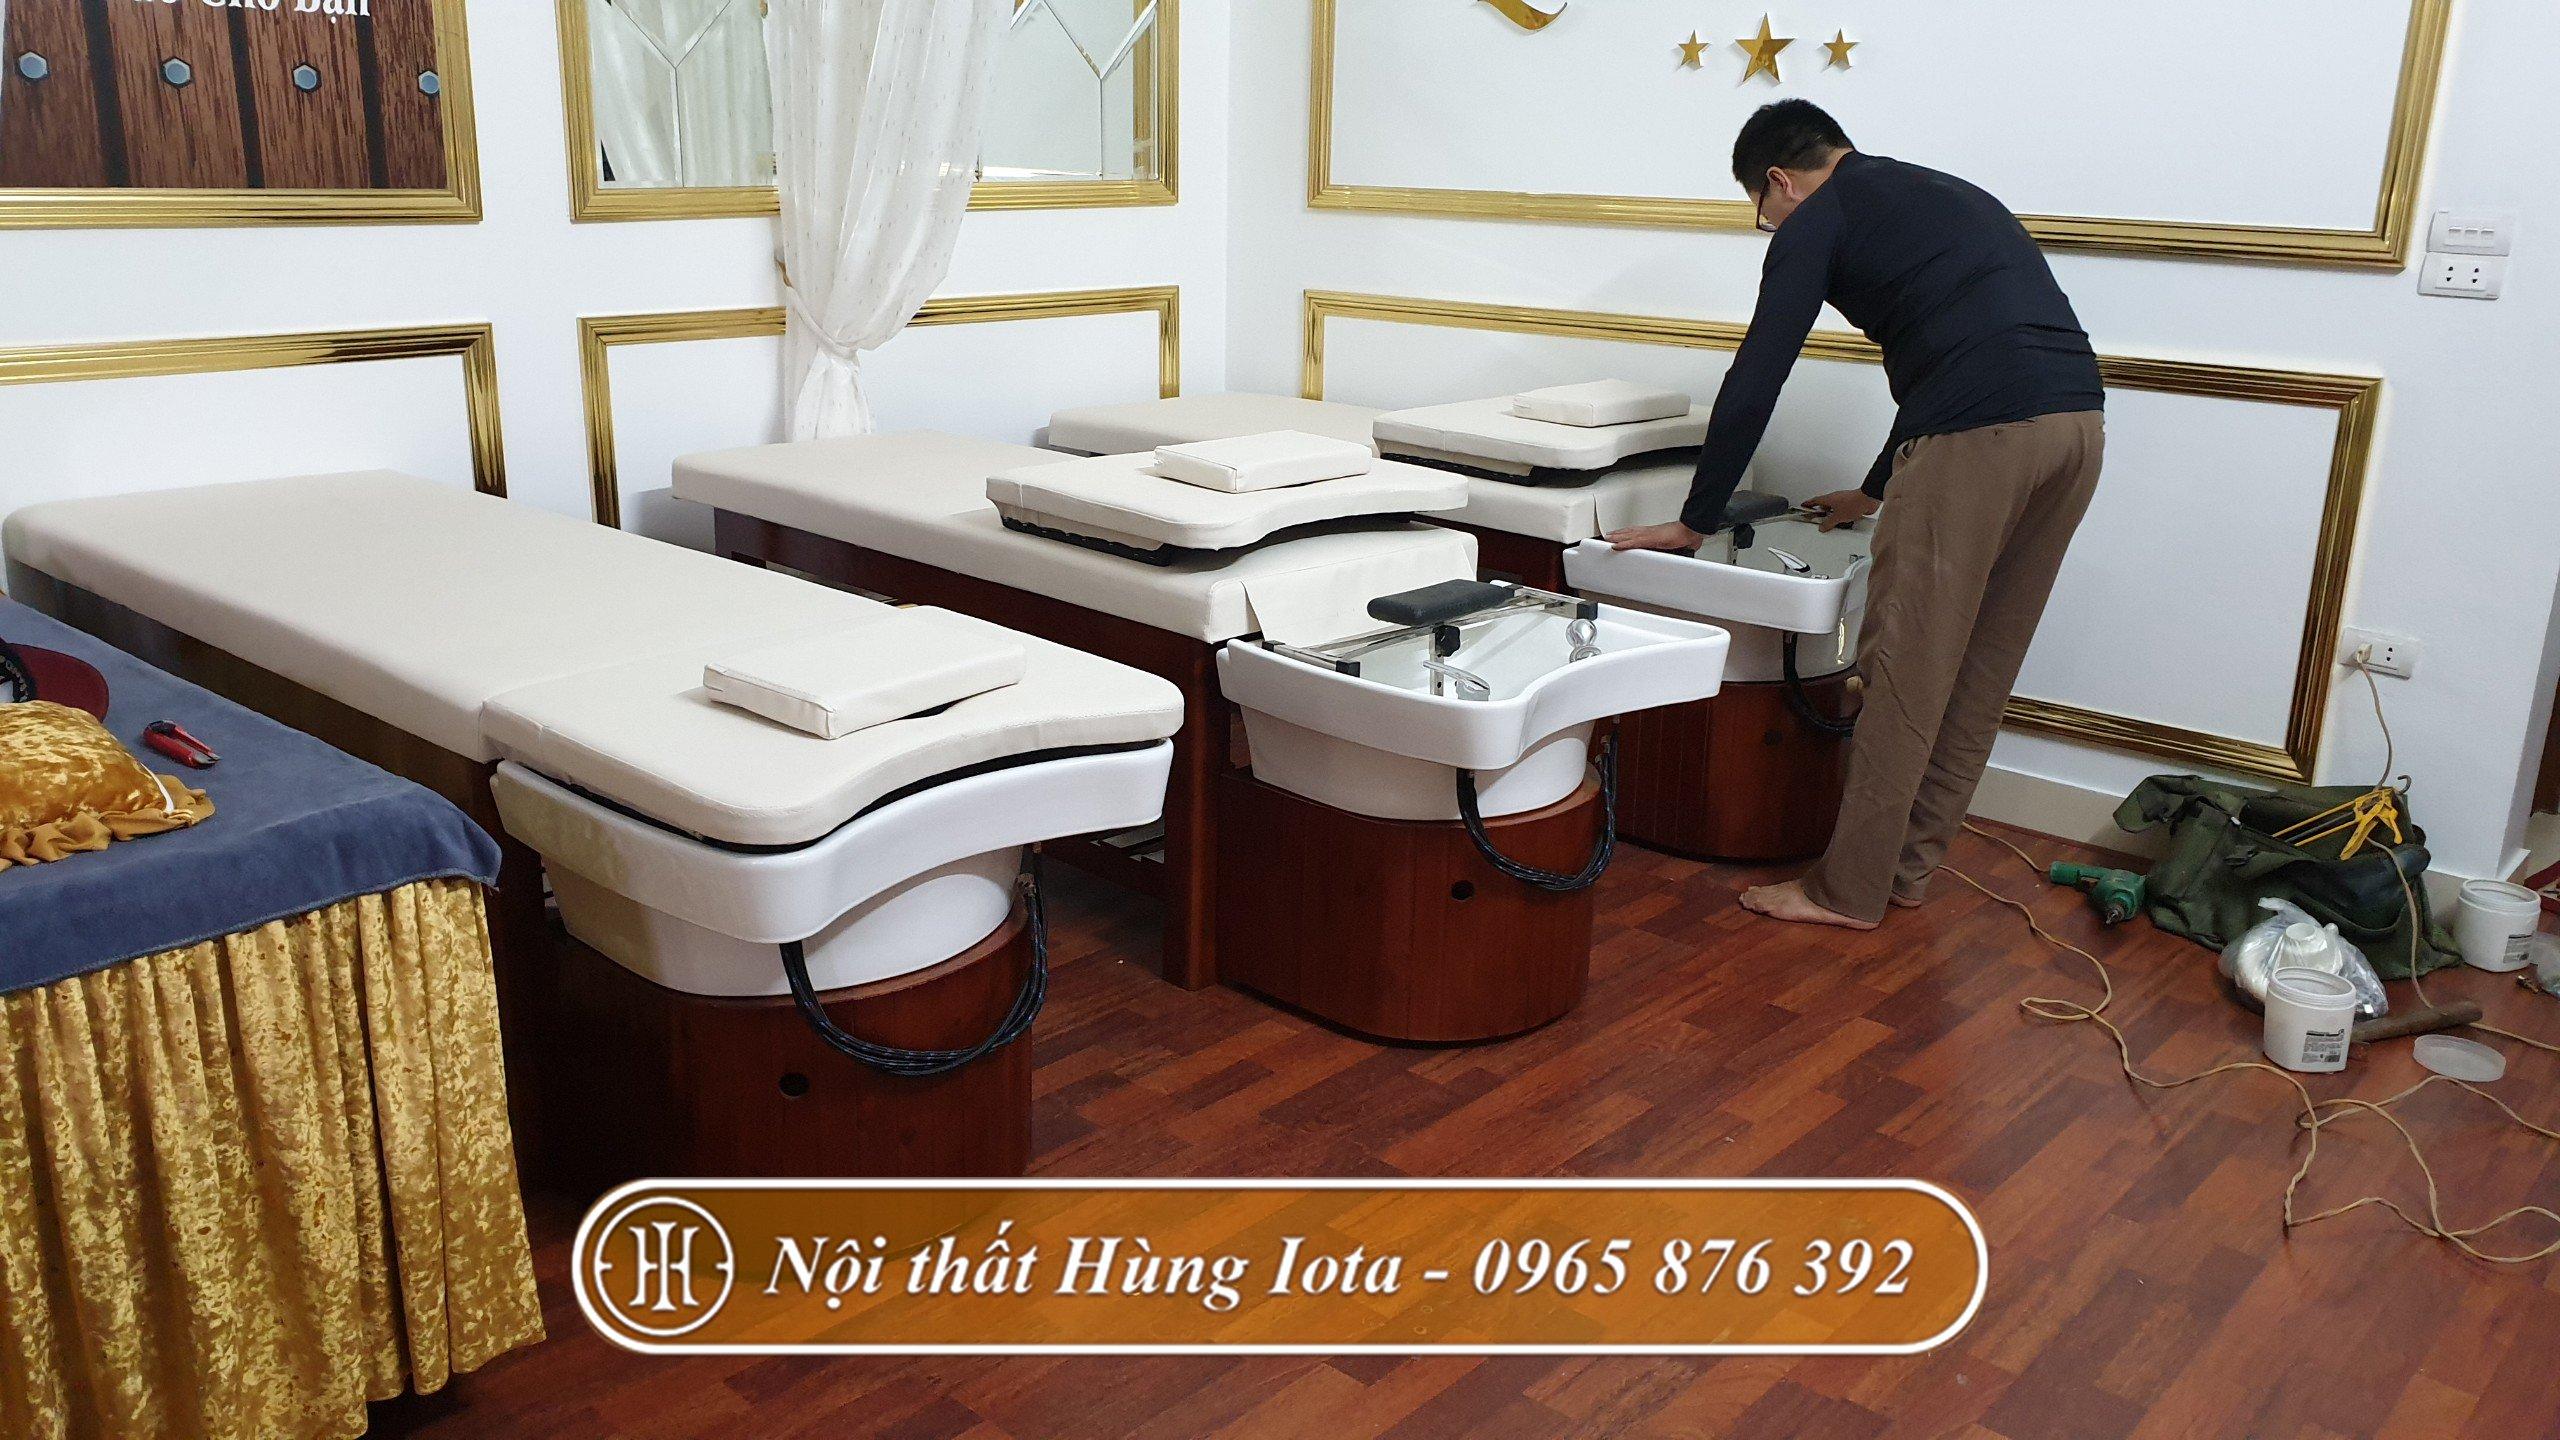 Lắp đặt giường gội đầu dưỡng sinh tại Bắc Ninh